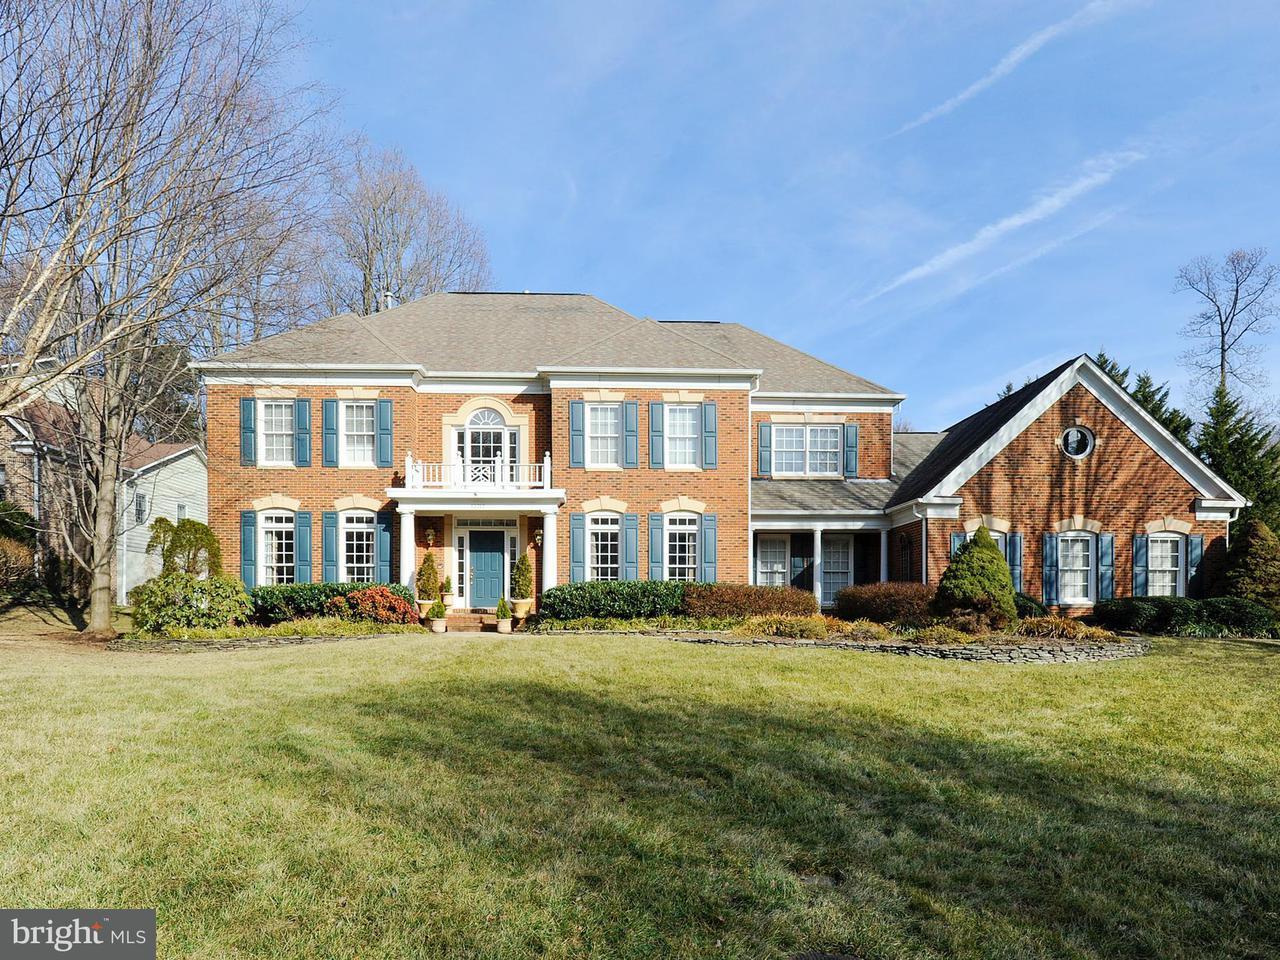 獨棟家庭住宅 為 出售 在 12212 Kyler Lane 12212 Kyler Lane Herndon, 弗吉尼亞州 20171 美國